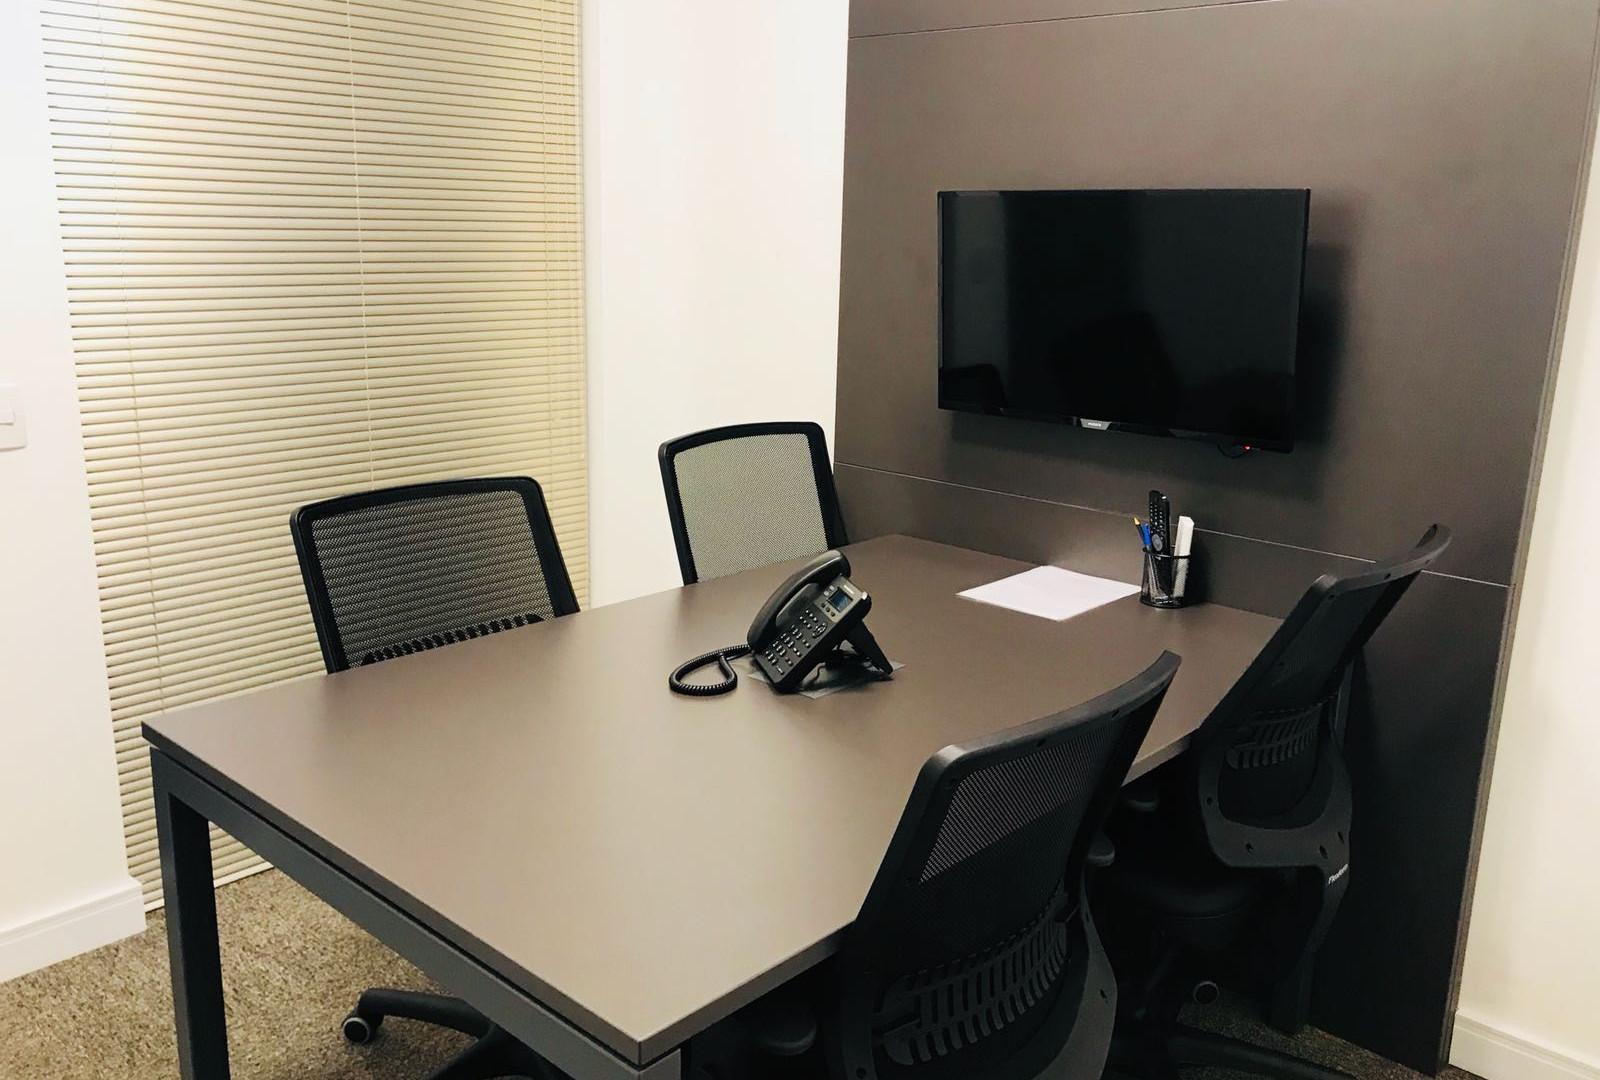 Sala de reunião (4 pessoas) / Meeting room (4 people)